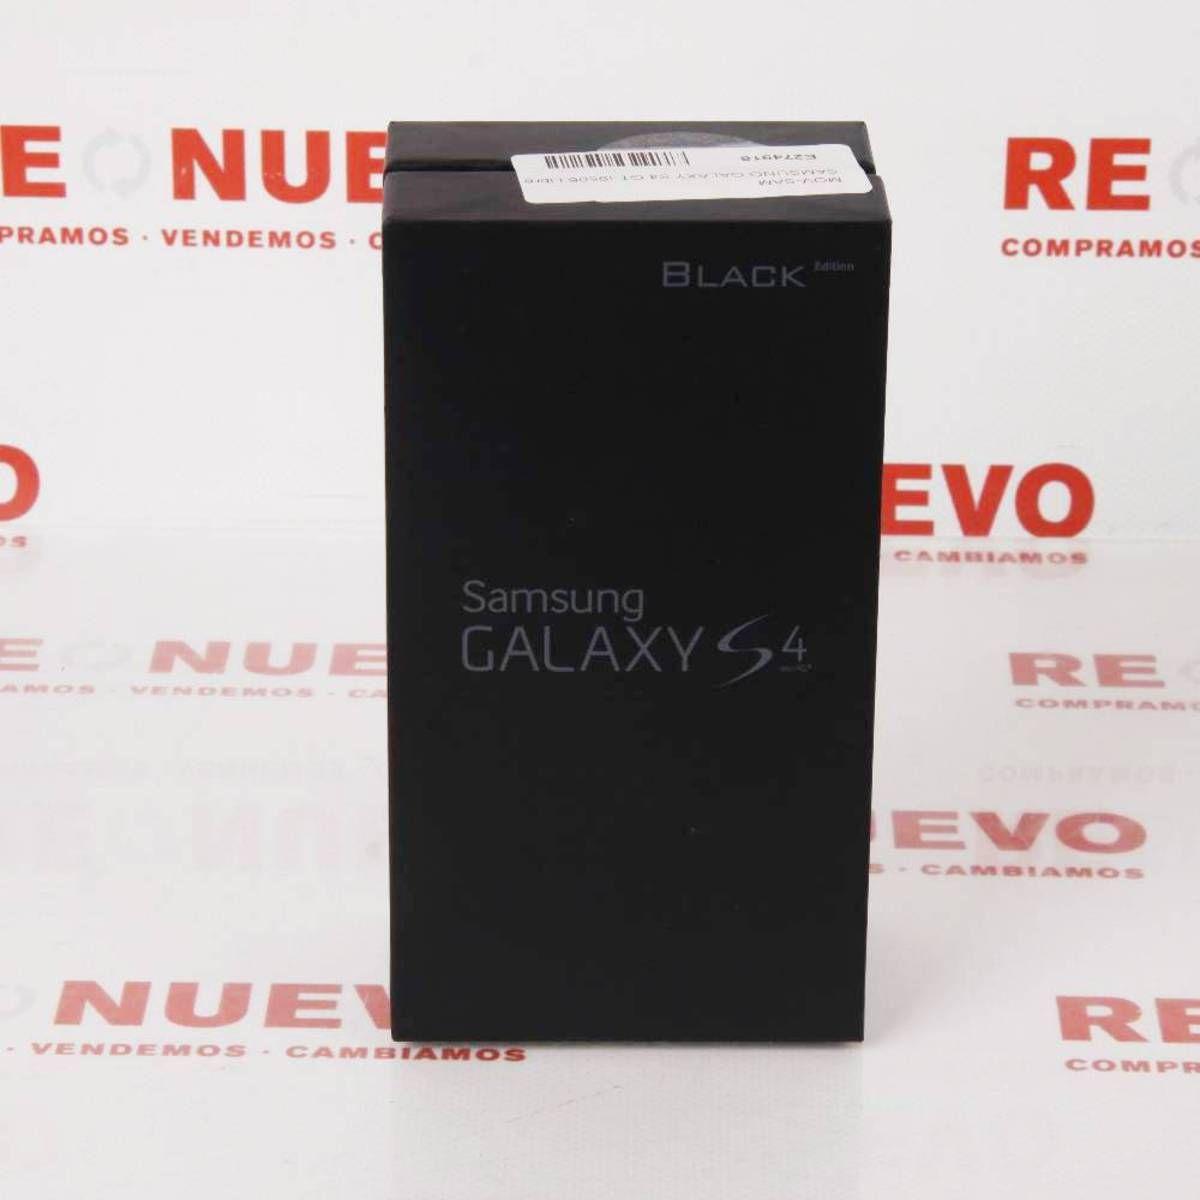 SAMSUNG GALAXY S4 GT-I9506 Libre Nuevo no precintado#samsung# de segunda mano#galaxy